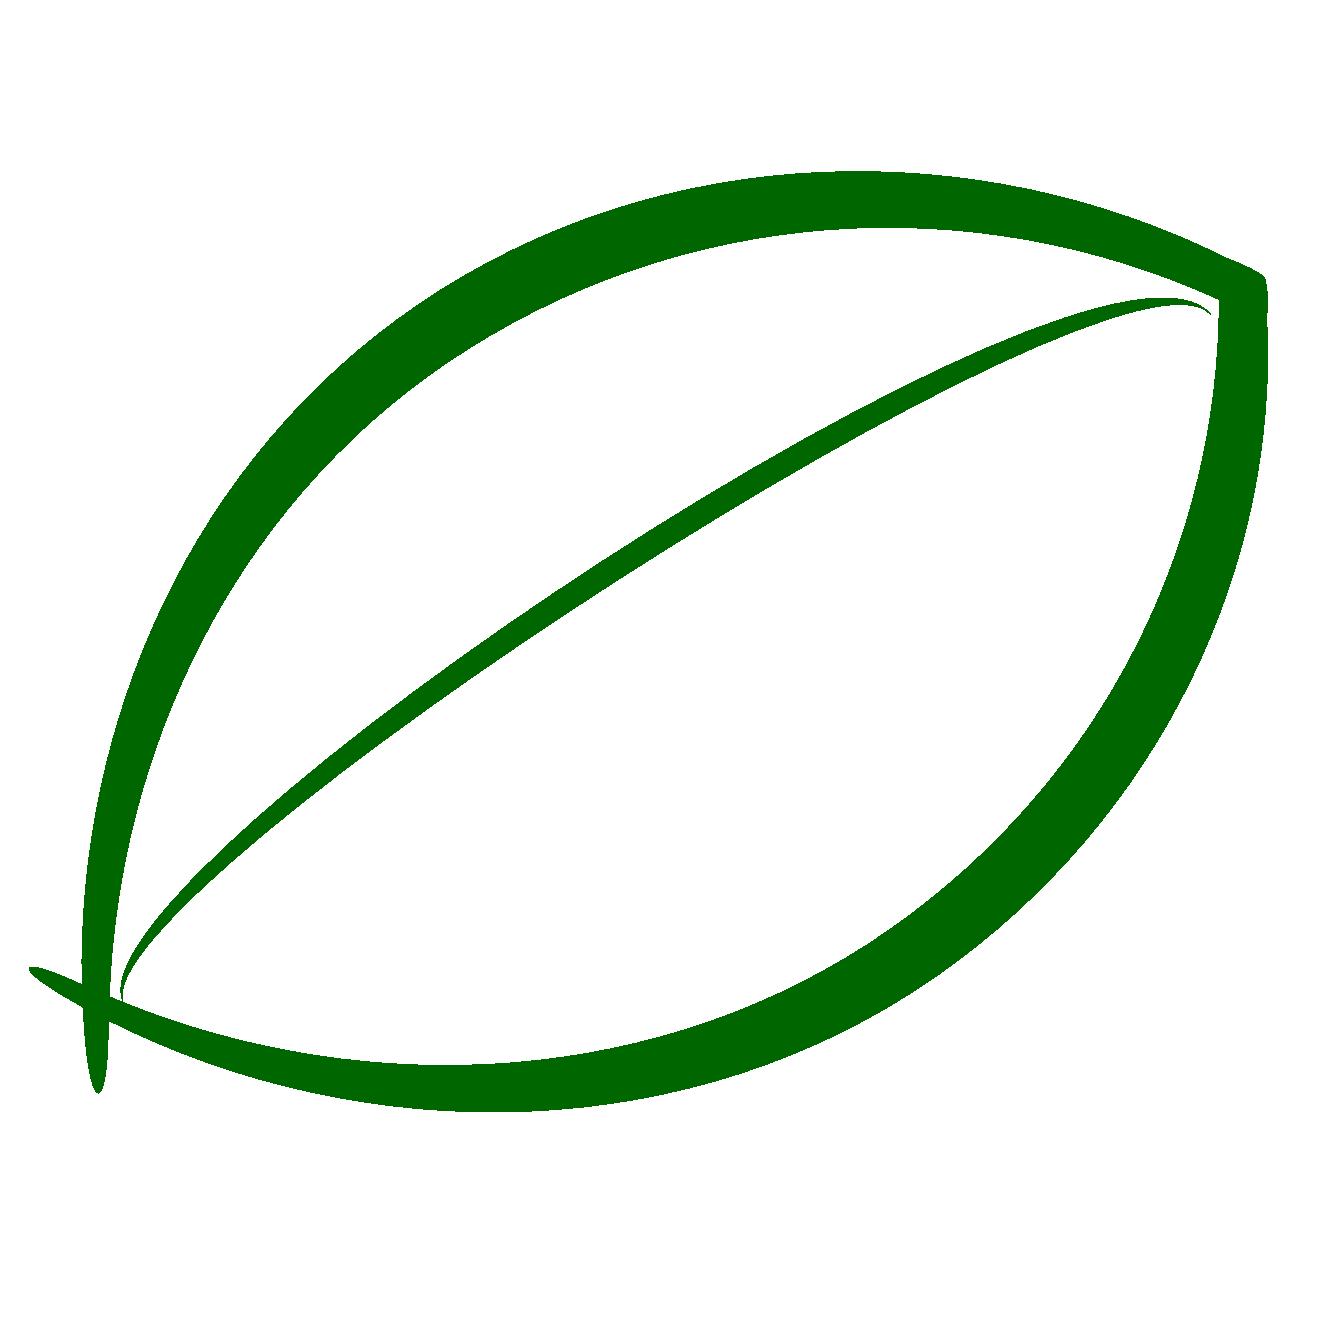 1331x1331 Best Leaf Outline